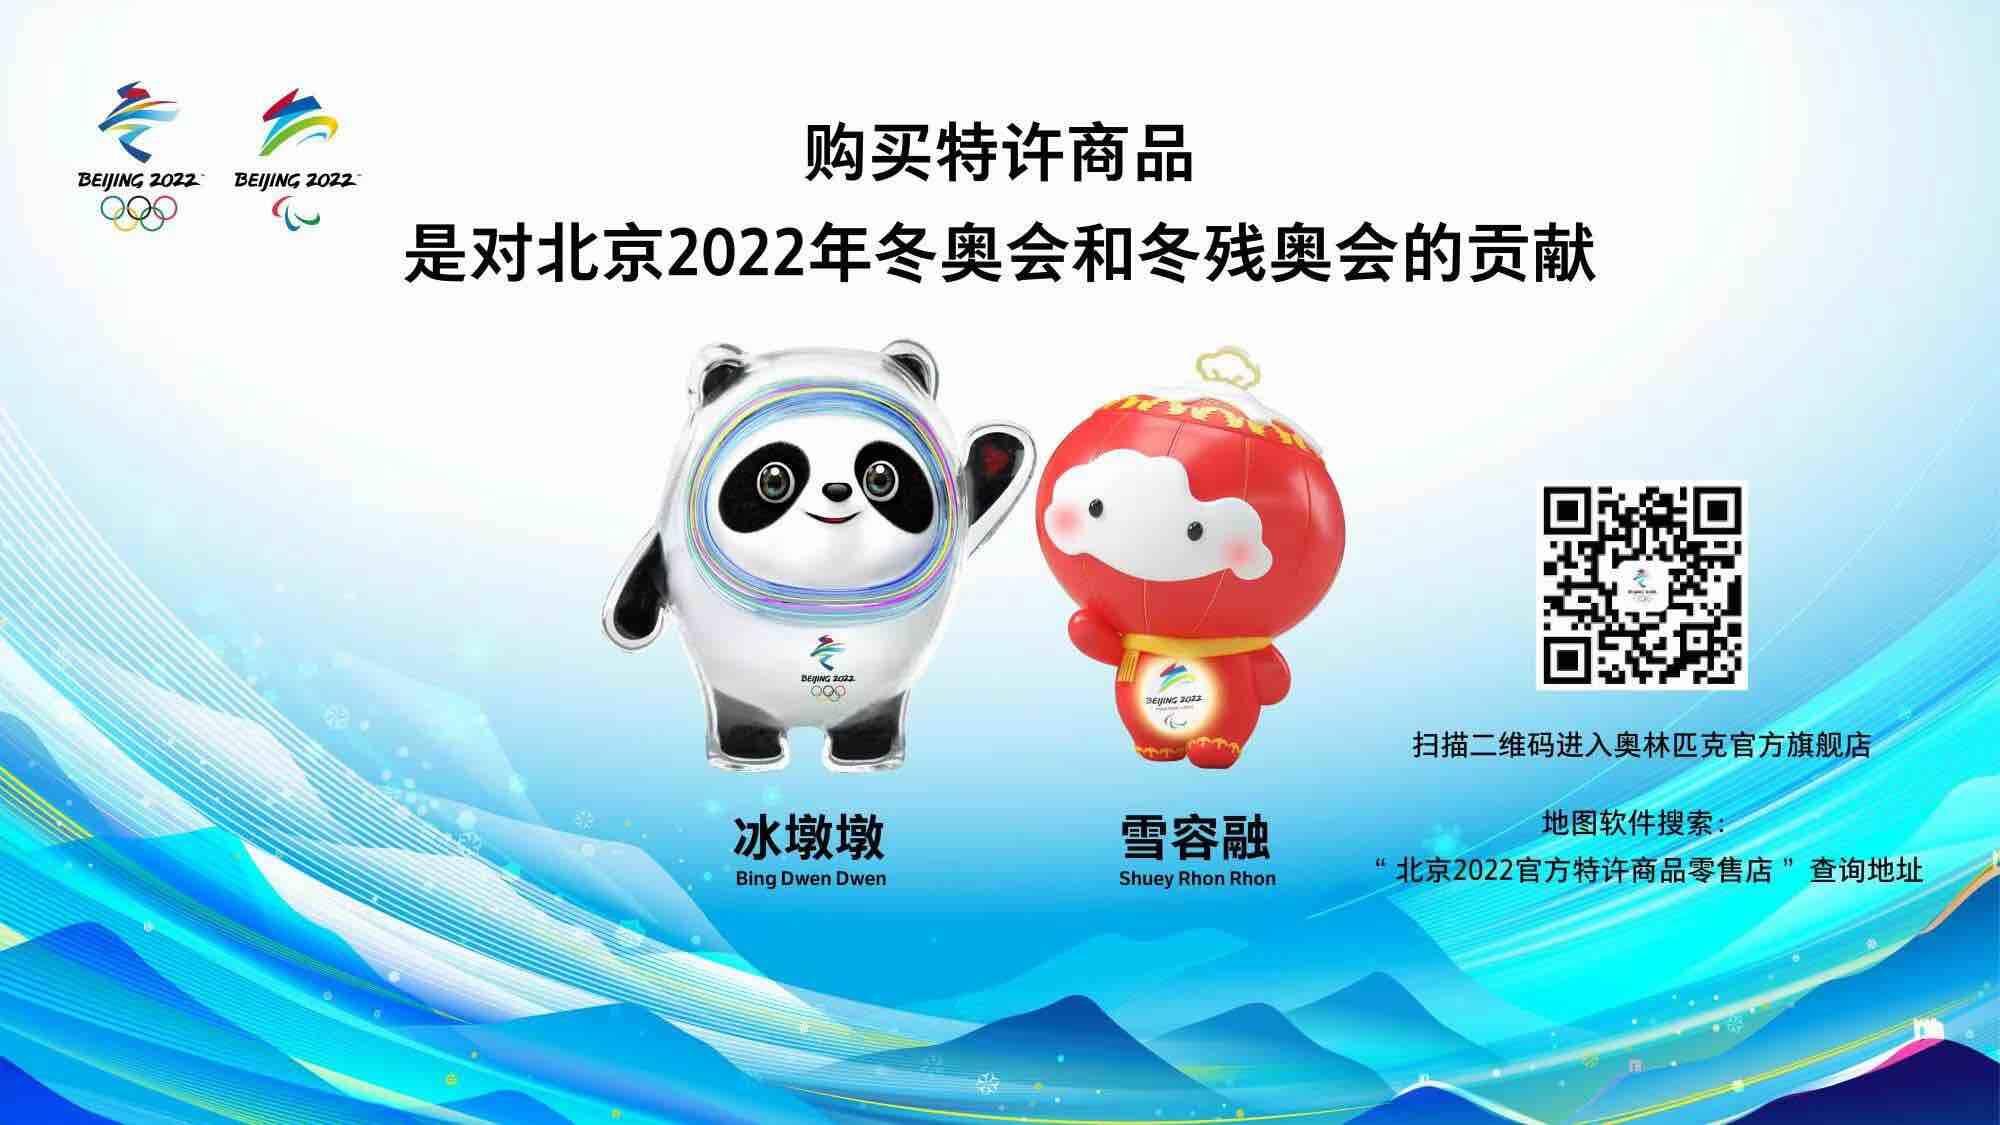 新年新氣象 北京冬奧特許商品齊上新